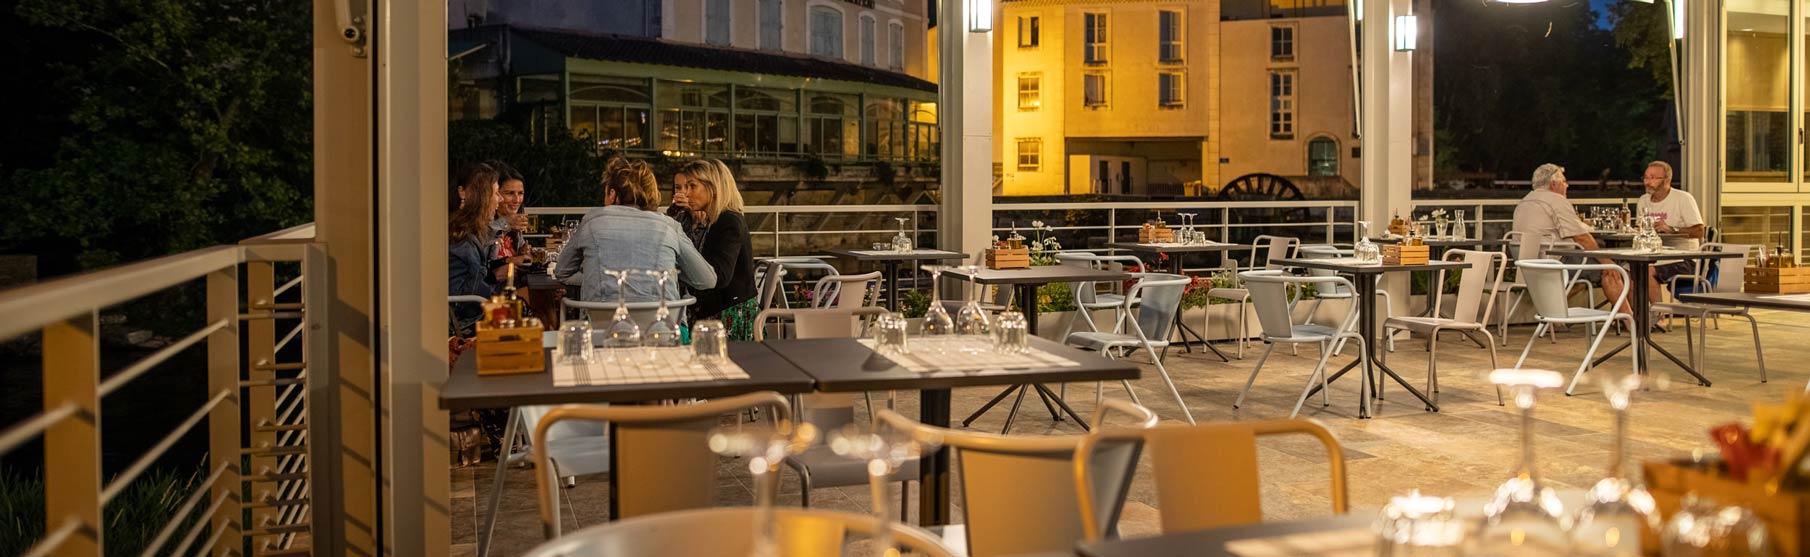 Le restaurant Grand Café Les Terrasses